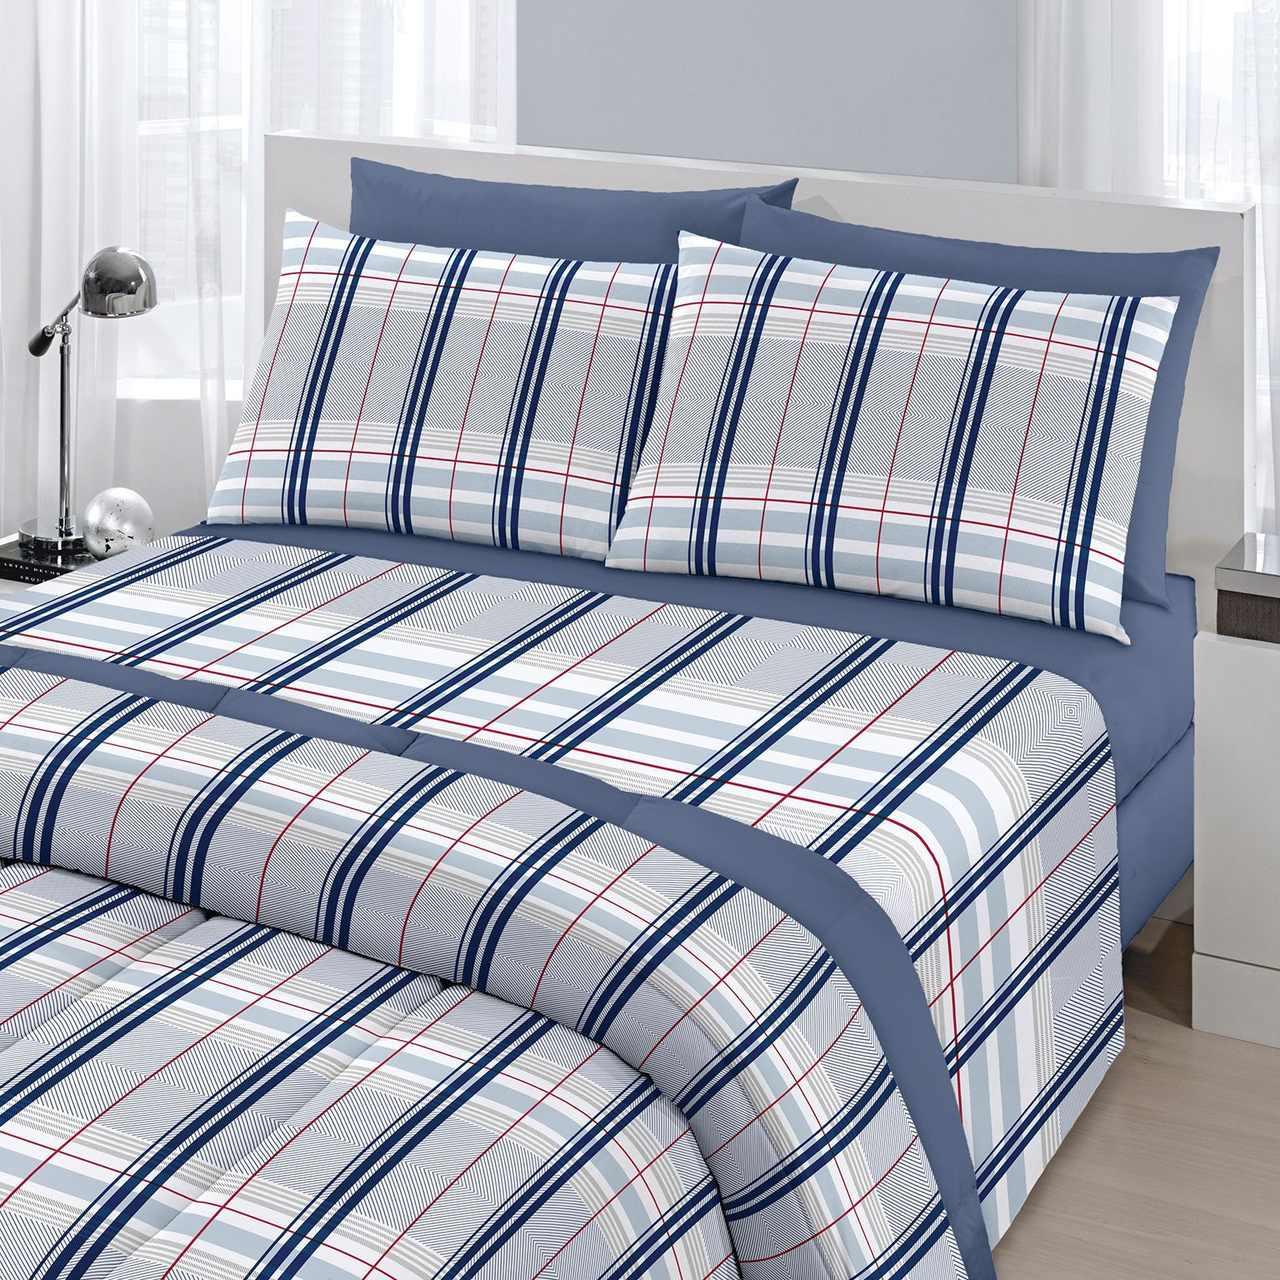 jogo de cama casal Royal Madras 100% algodão estampado azul - Santista